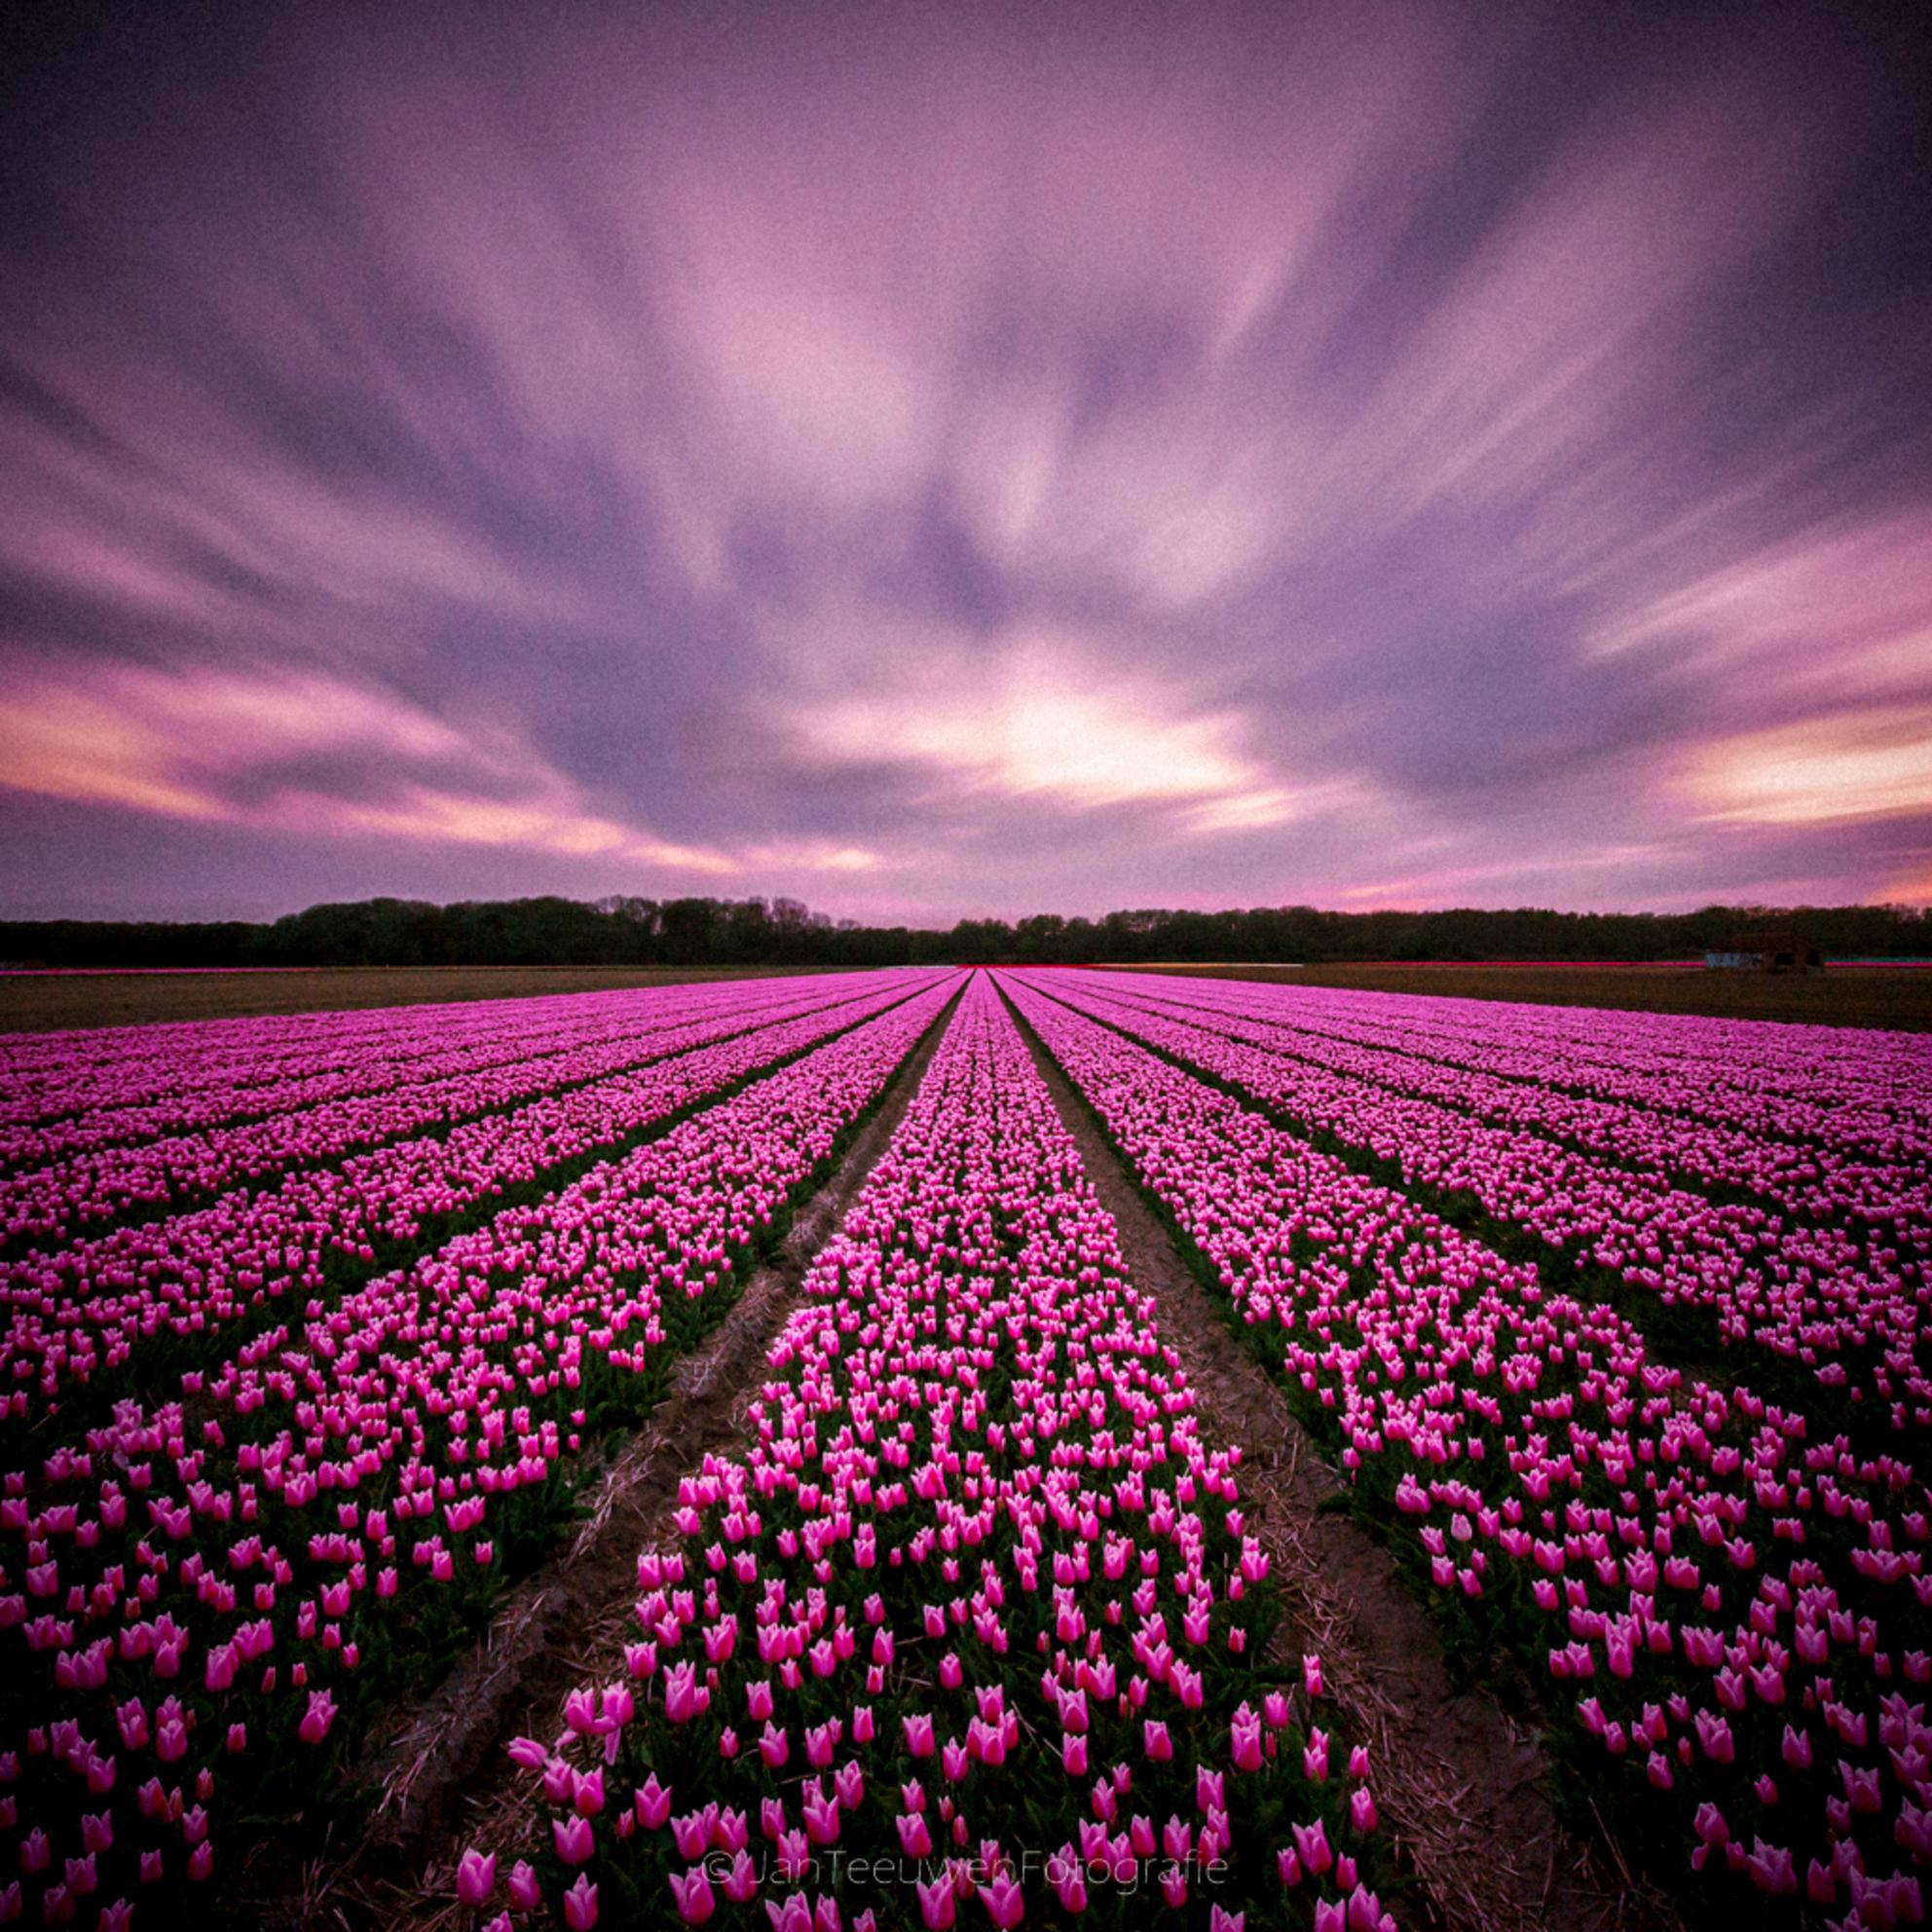 Pink explosion - Het bloeiseizoen van de bollenvelden is helaas voorbij. Vanmiddag (17 mei) ben ik nog een stukje gaan fietsen maar de kleurtjes zijn verdwenen. Vol - foto door Jant op 17-05-2015 - deze foto bevat: roze, lucht, wolken, tulpen, natuur, avond, zonsondergang, landschap, duinen, lange sluitertijd, JanT, de bollenstreek